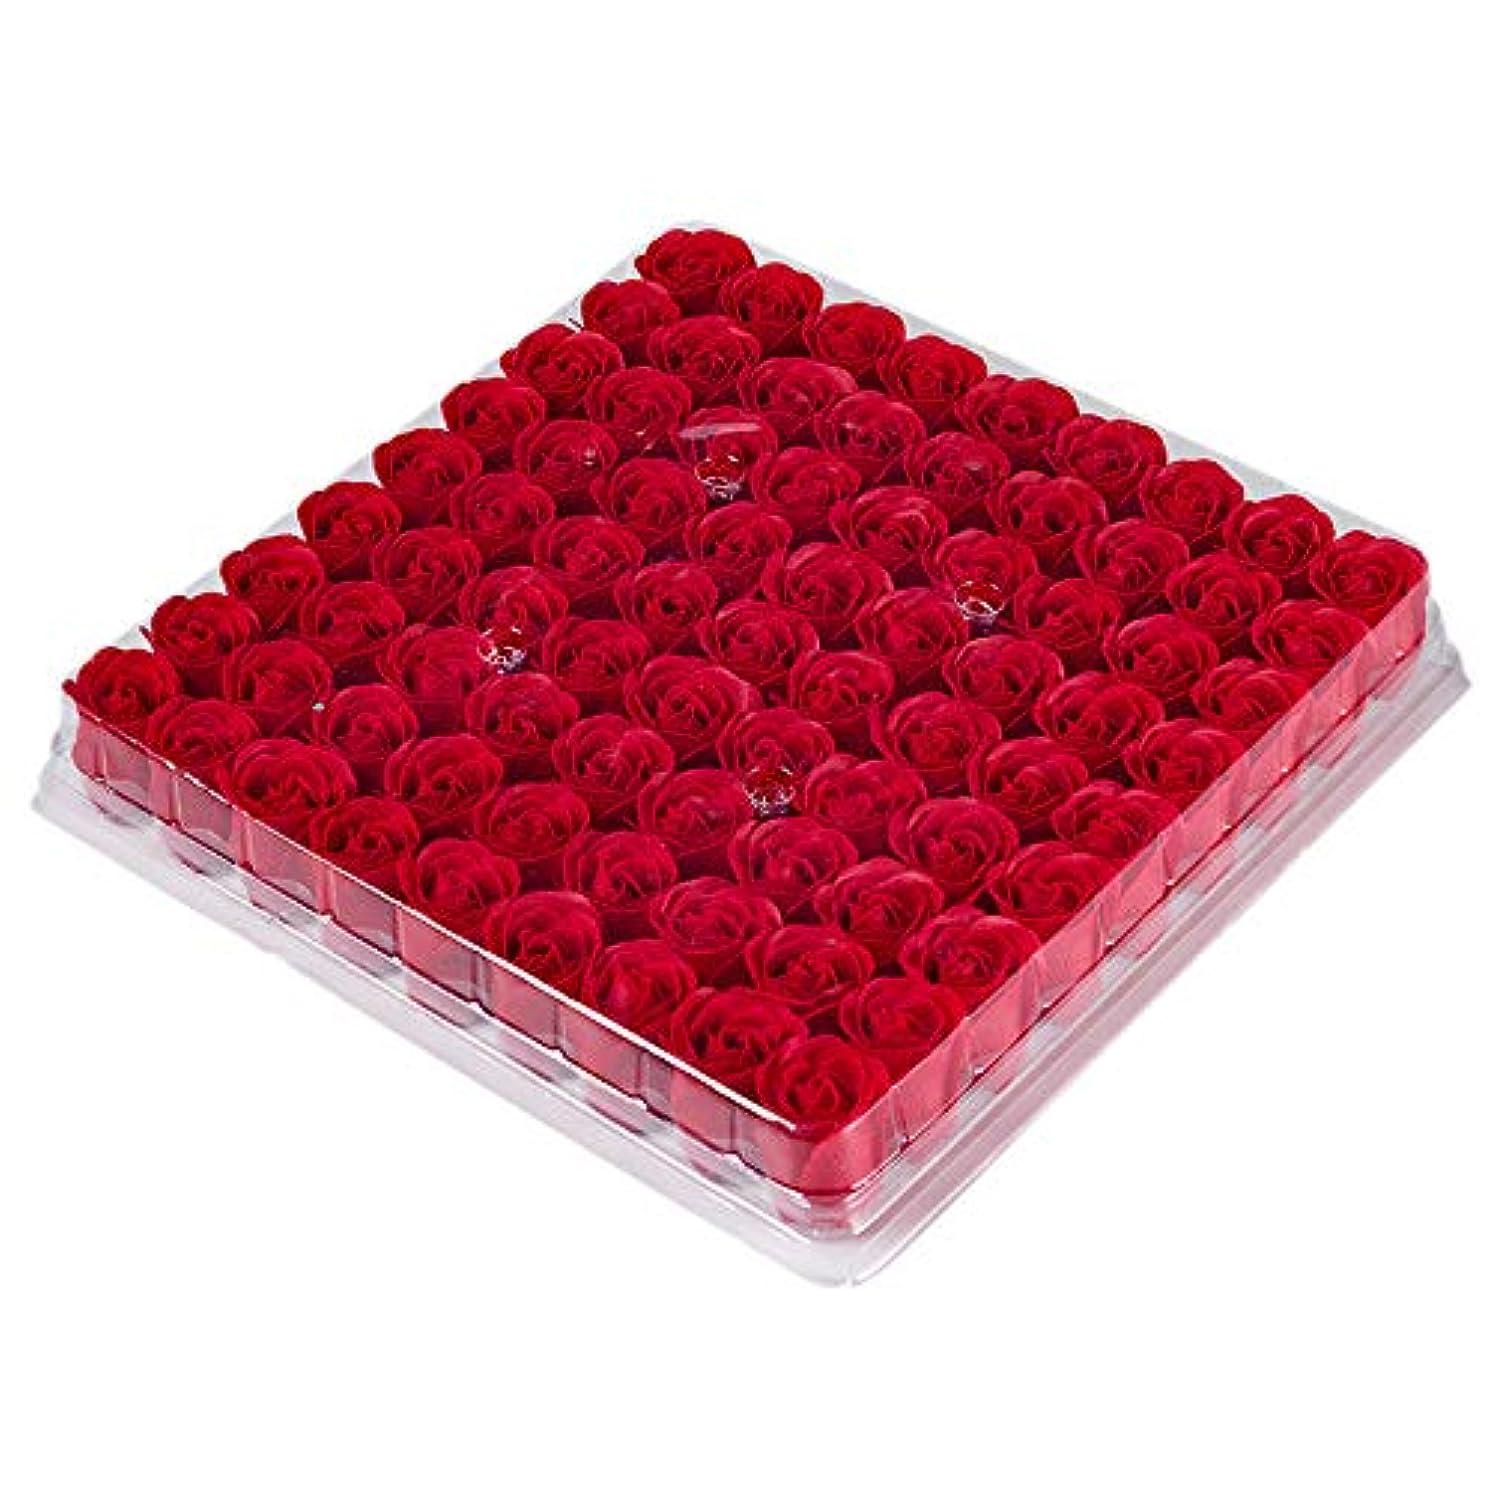 ライムキリスト港SODIAL 81個の薔薇、バス ボディ フラワー?フローラルの石けん 香りのよいローズフラワー エッセンシャルオイル フローラルのお客様への石鹸 ウェディング、パーティー、バレンタインデーの贈り物、赤色